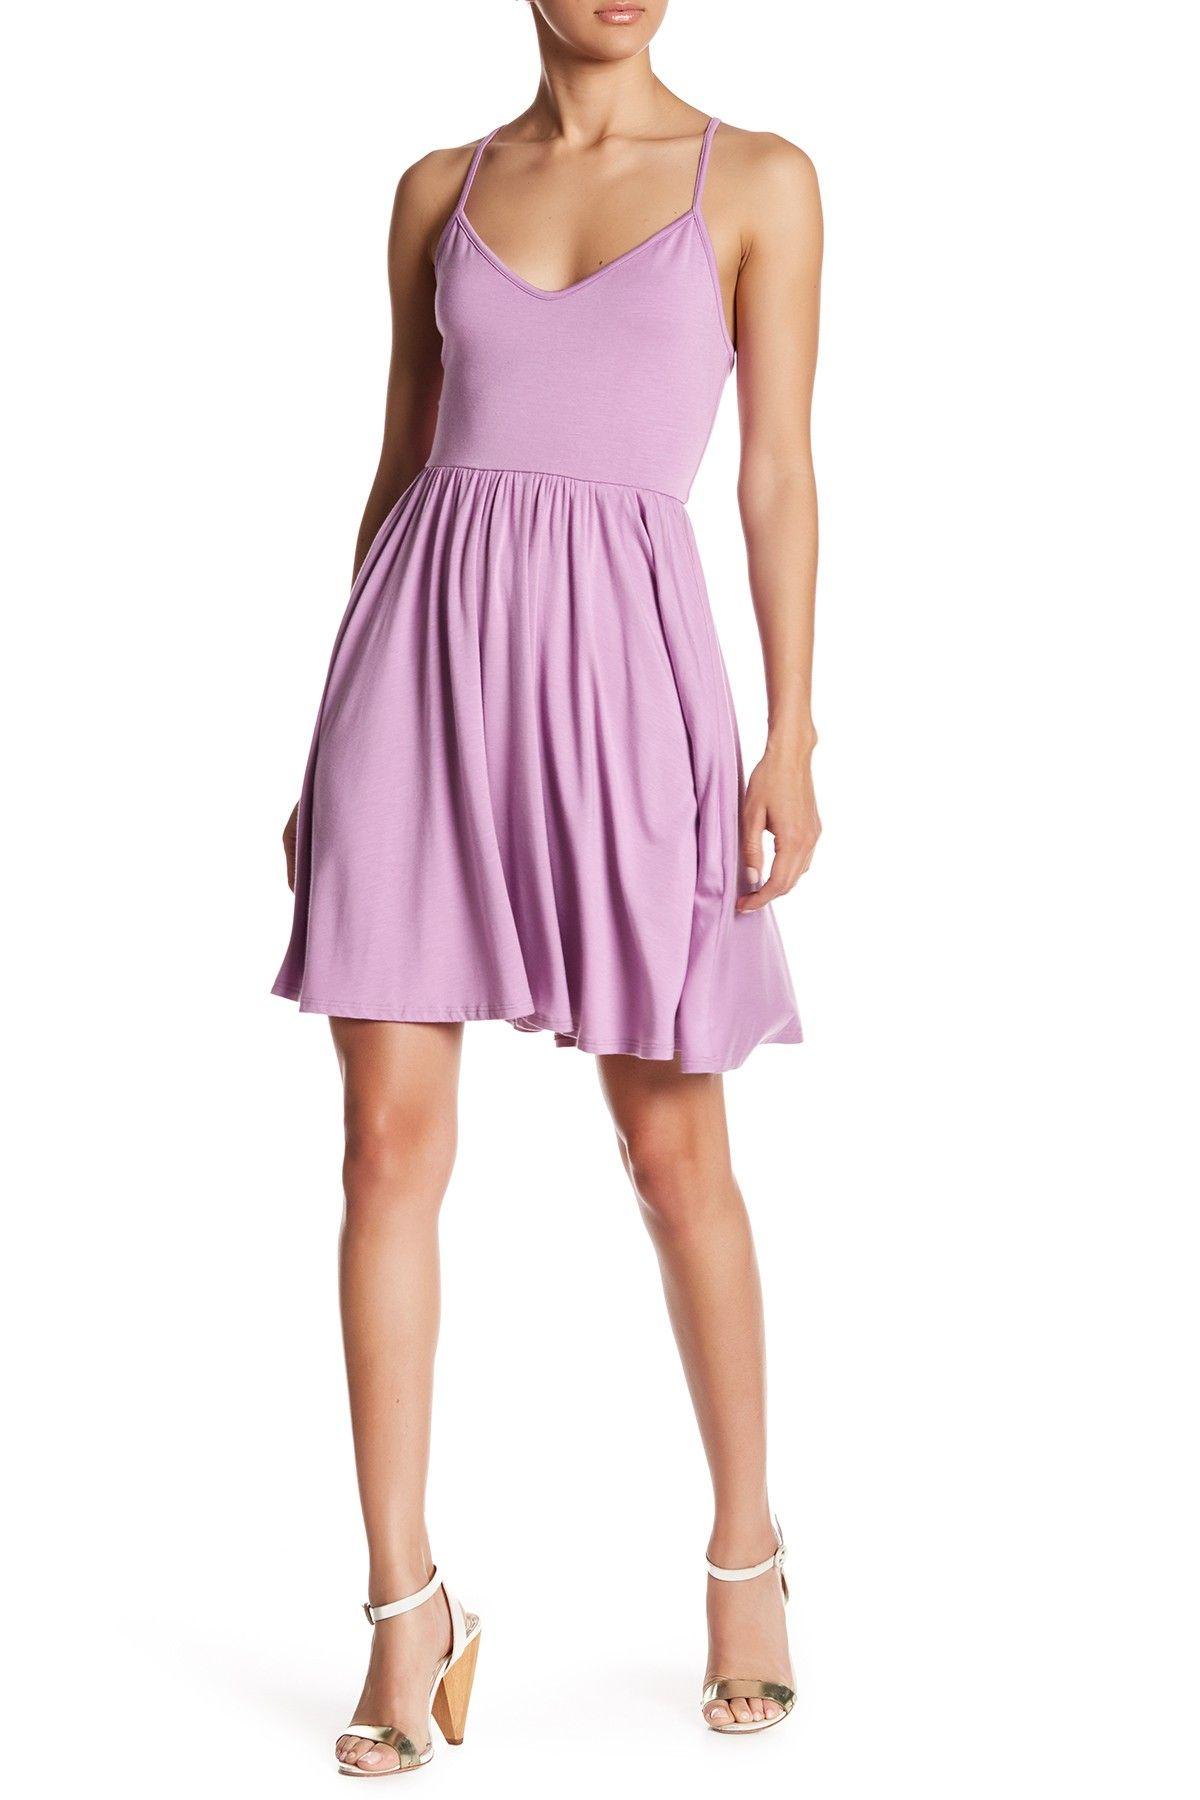 Hunter Lace-Up Dress